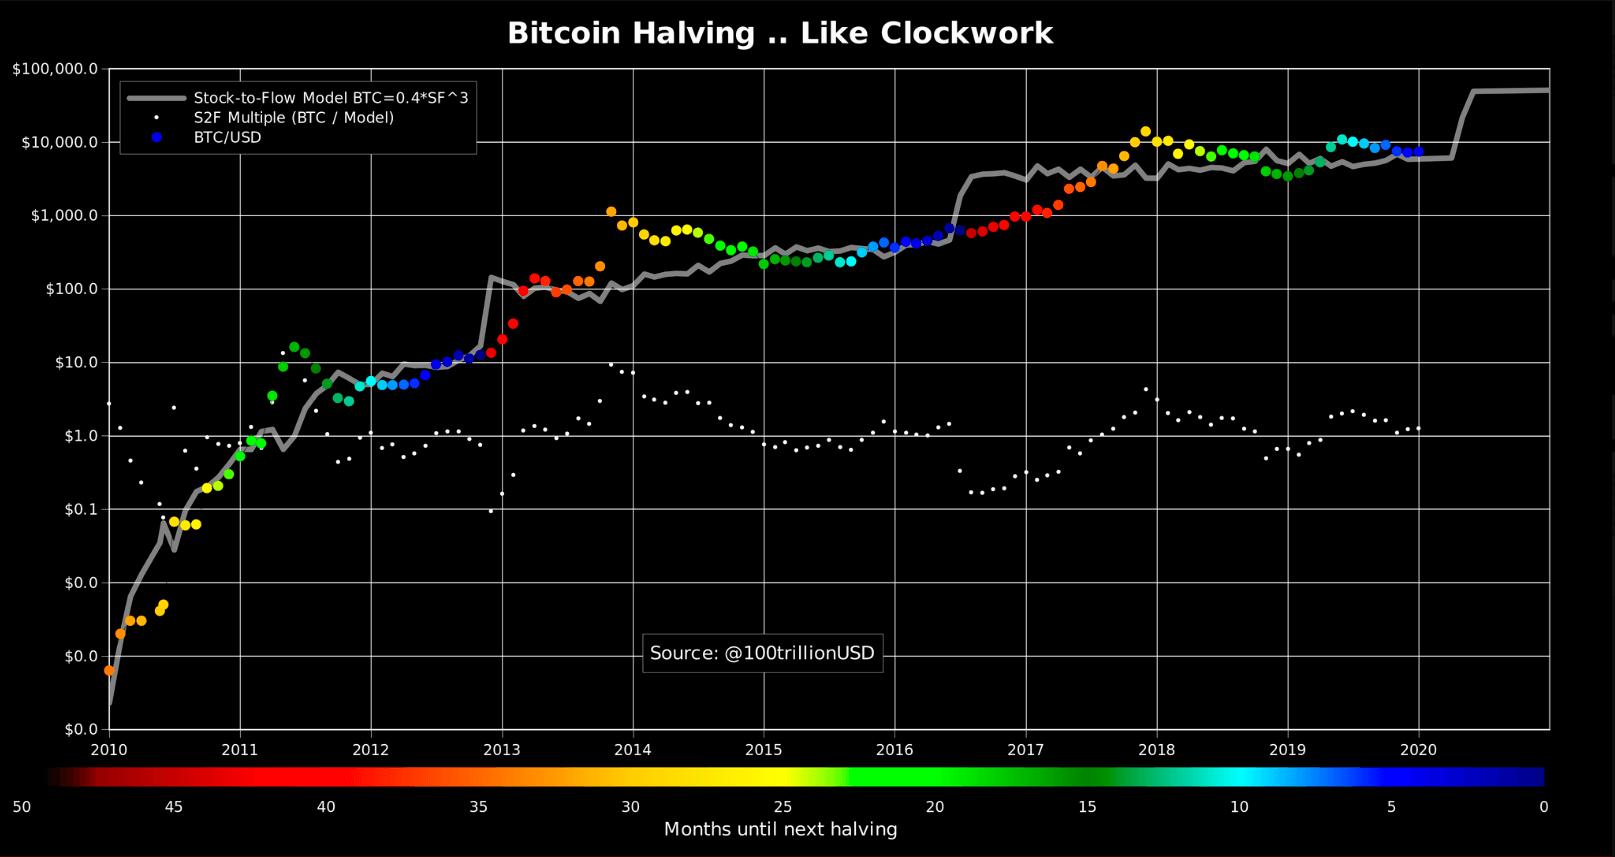 Bitcoin halving eli puoliintuminen kevään 2020 puhutuin aihe